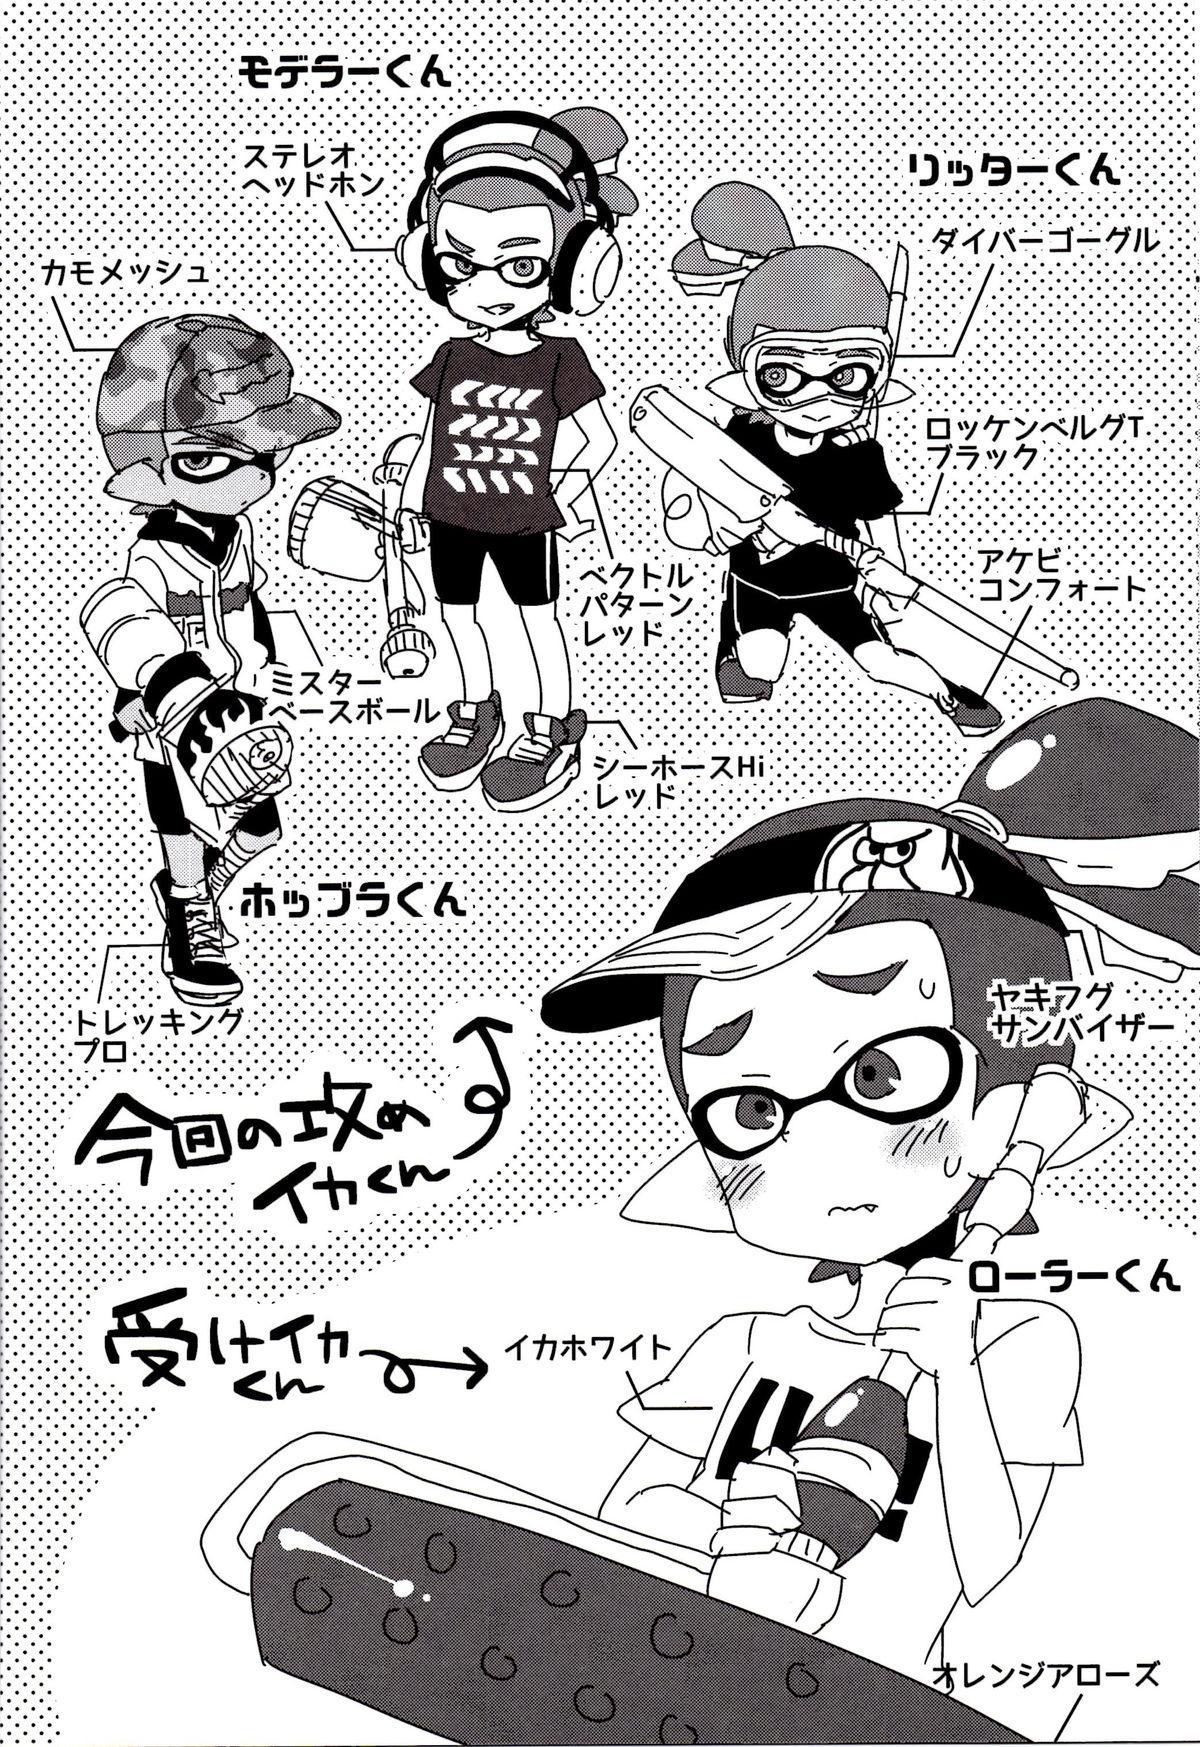 Buki no Seinou to Are no Seinou wa Onaji rashii 4